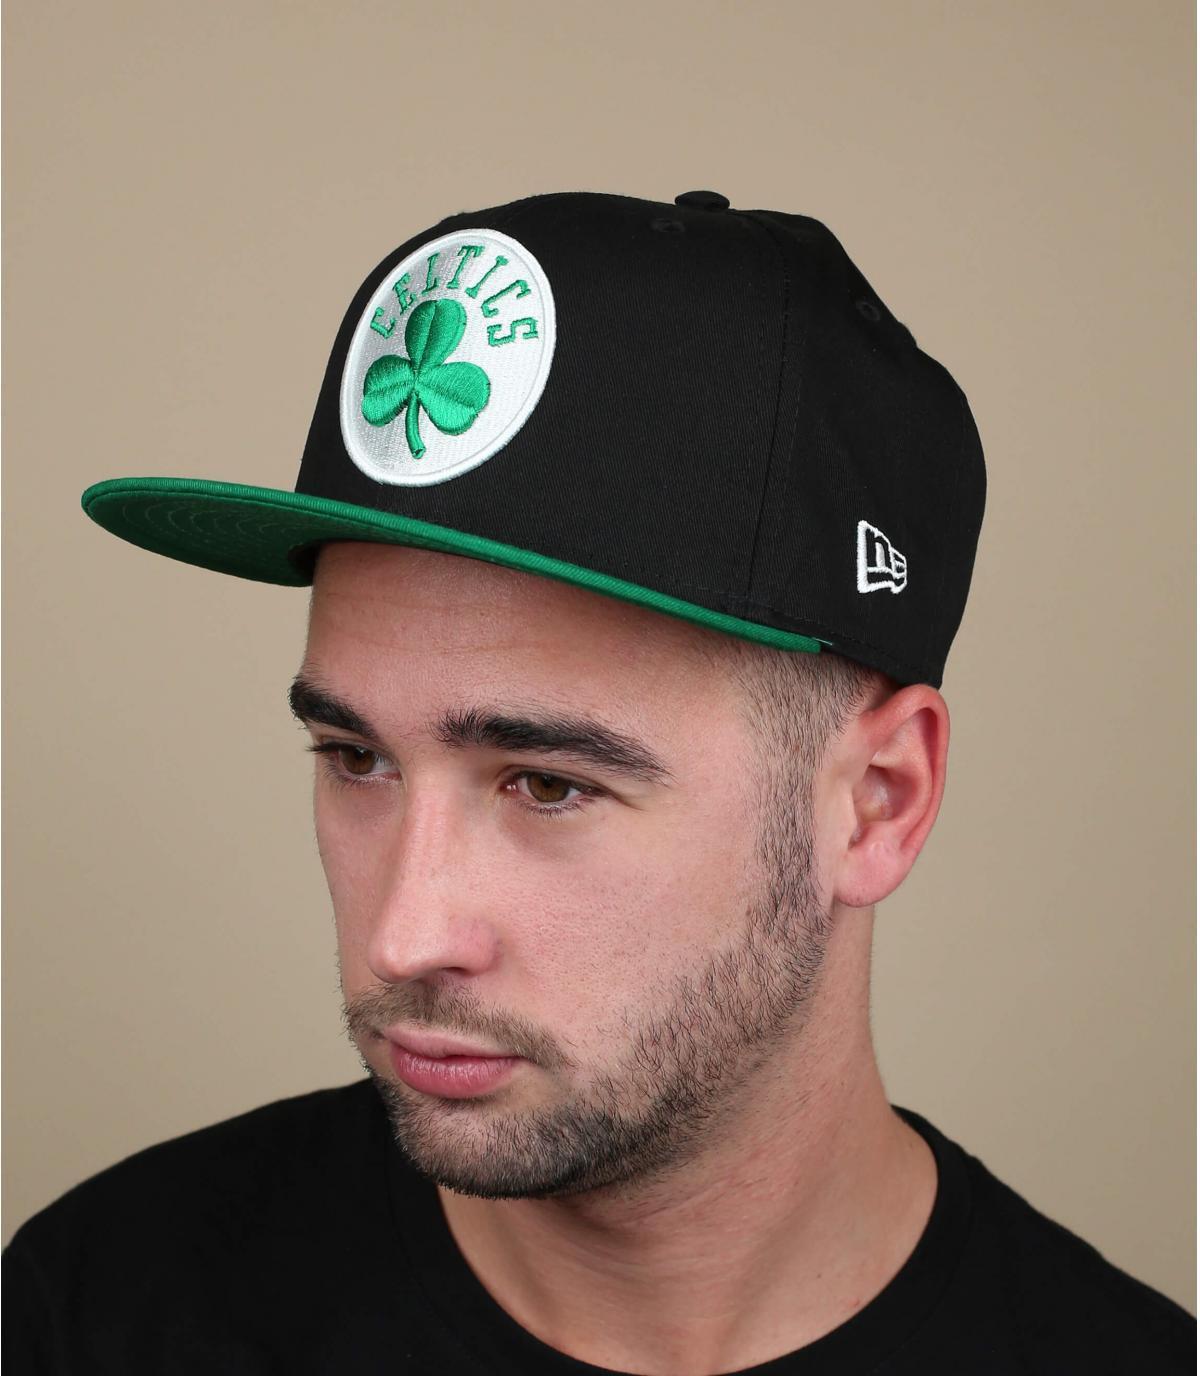 Celtics kap zwart groen